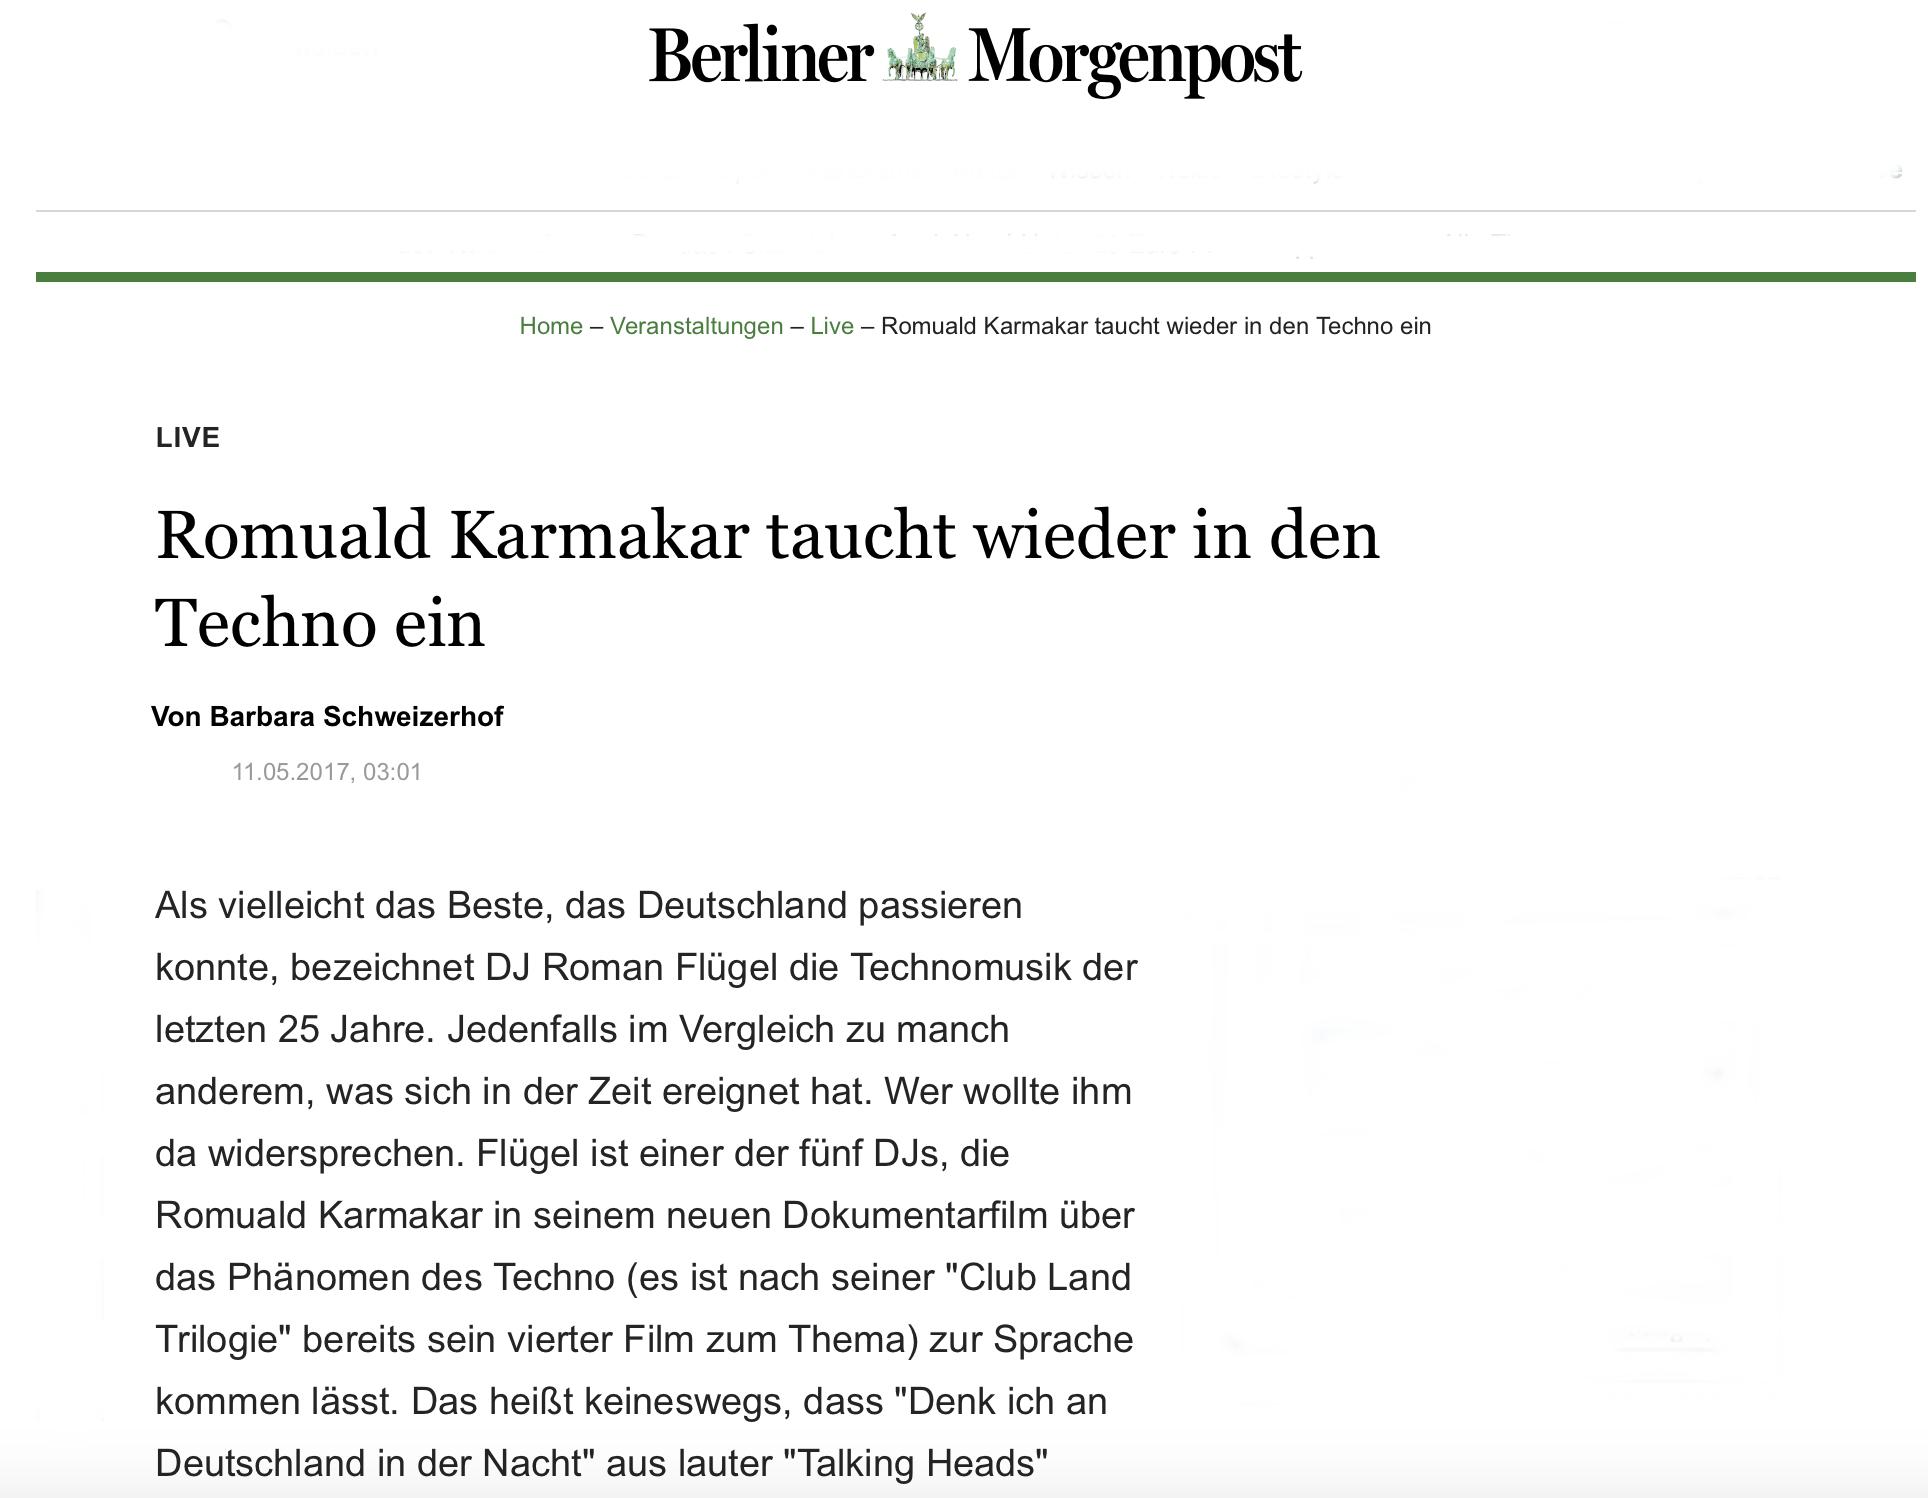 Romuald Karmakar taucht wieder in den Techno ein